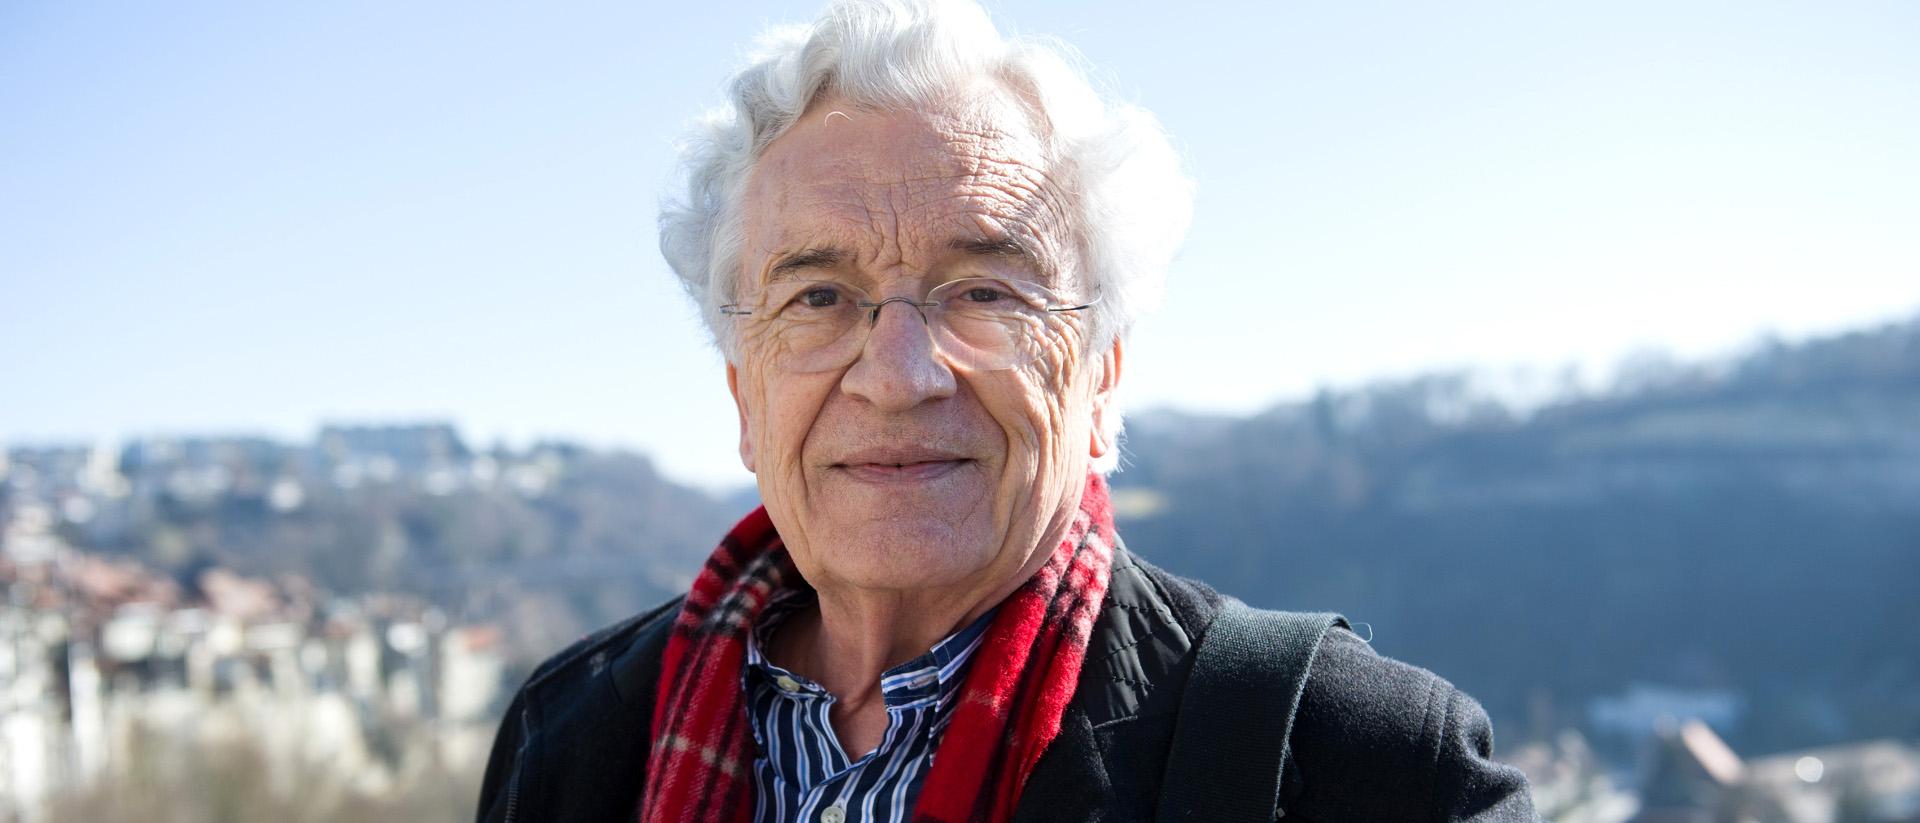 Leo Karrer, katholischer Theologe und emeritierter Professor für Pastoraltheologie | ©Vera Rüttimann